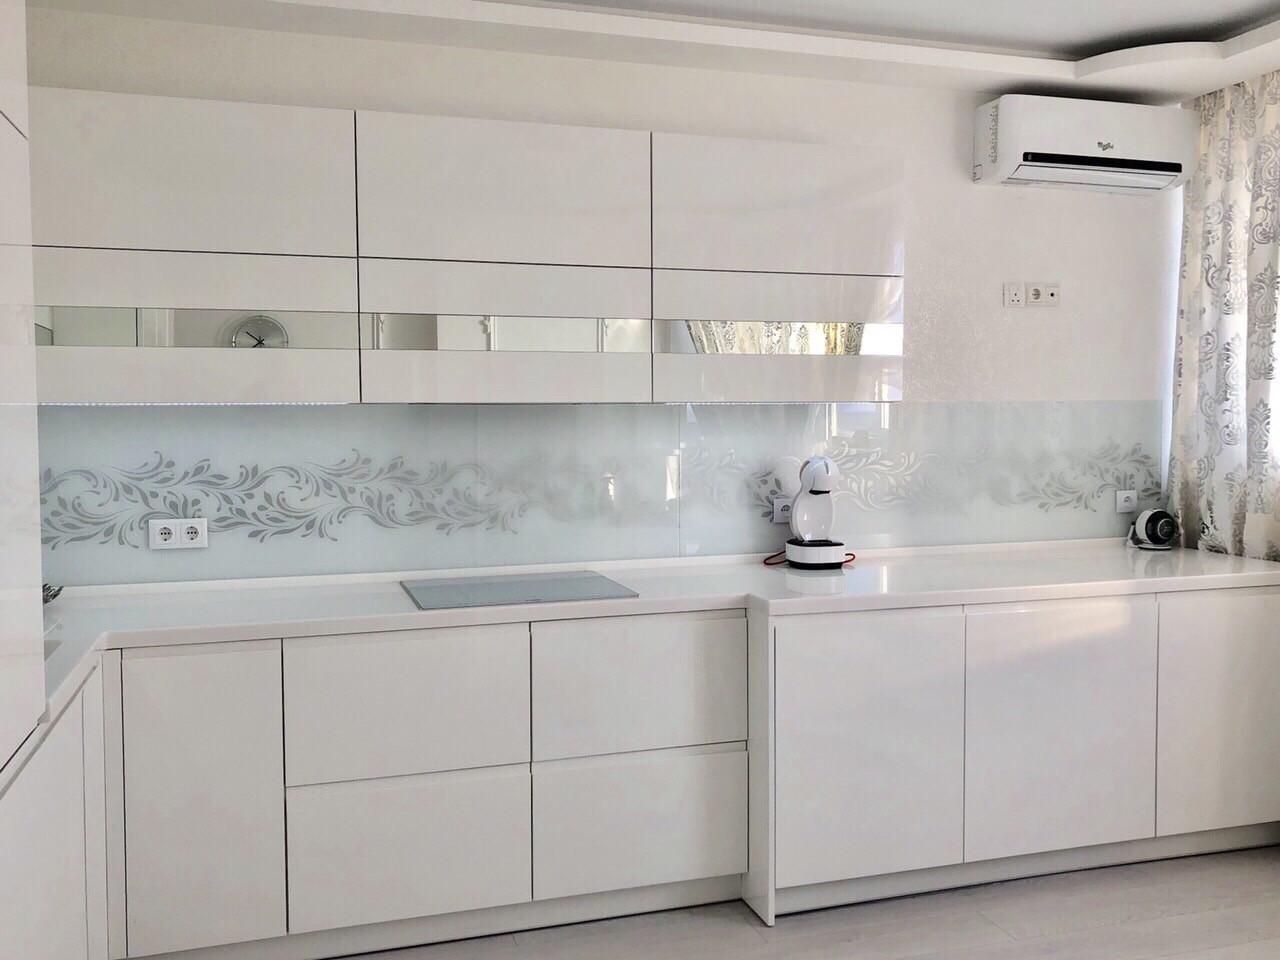 Кухня на заказ Тель-Авив белый глянец столешница акрил  BLUM-072